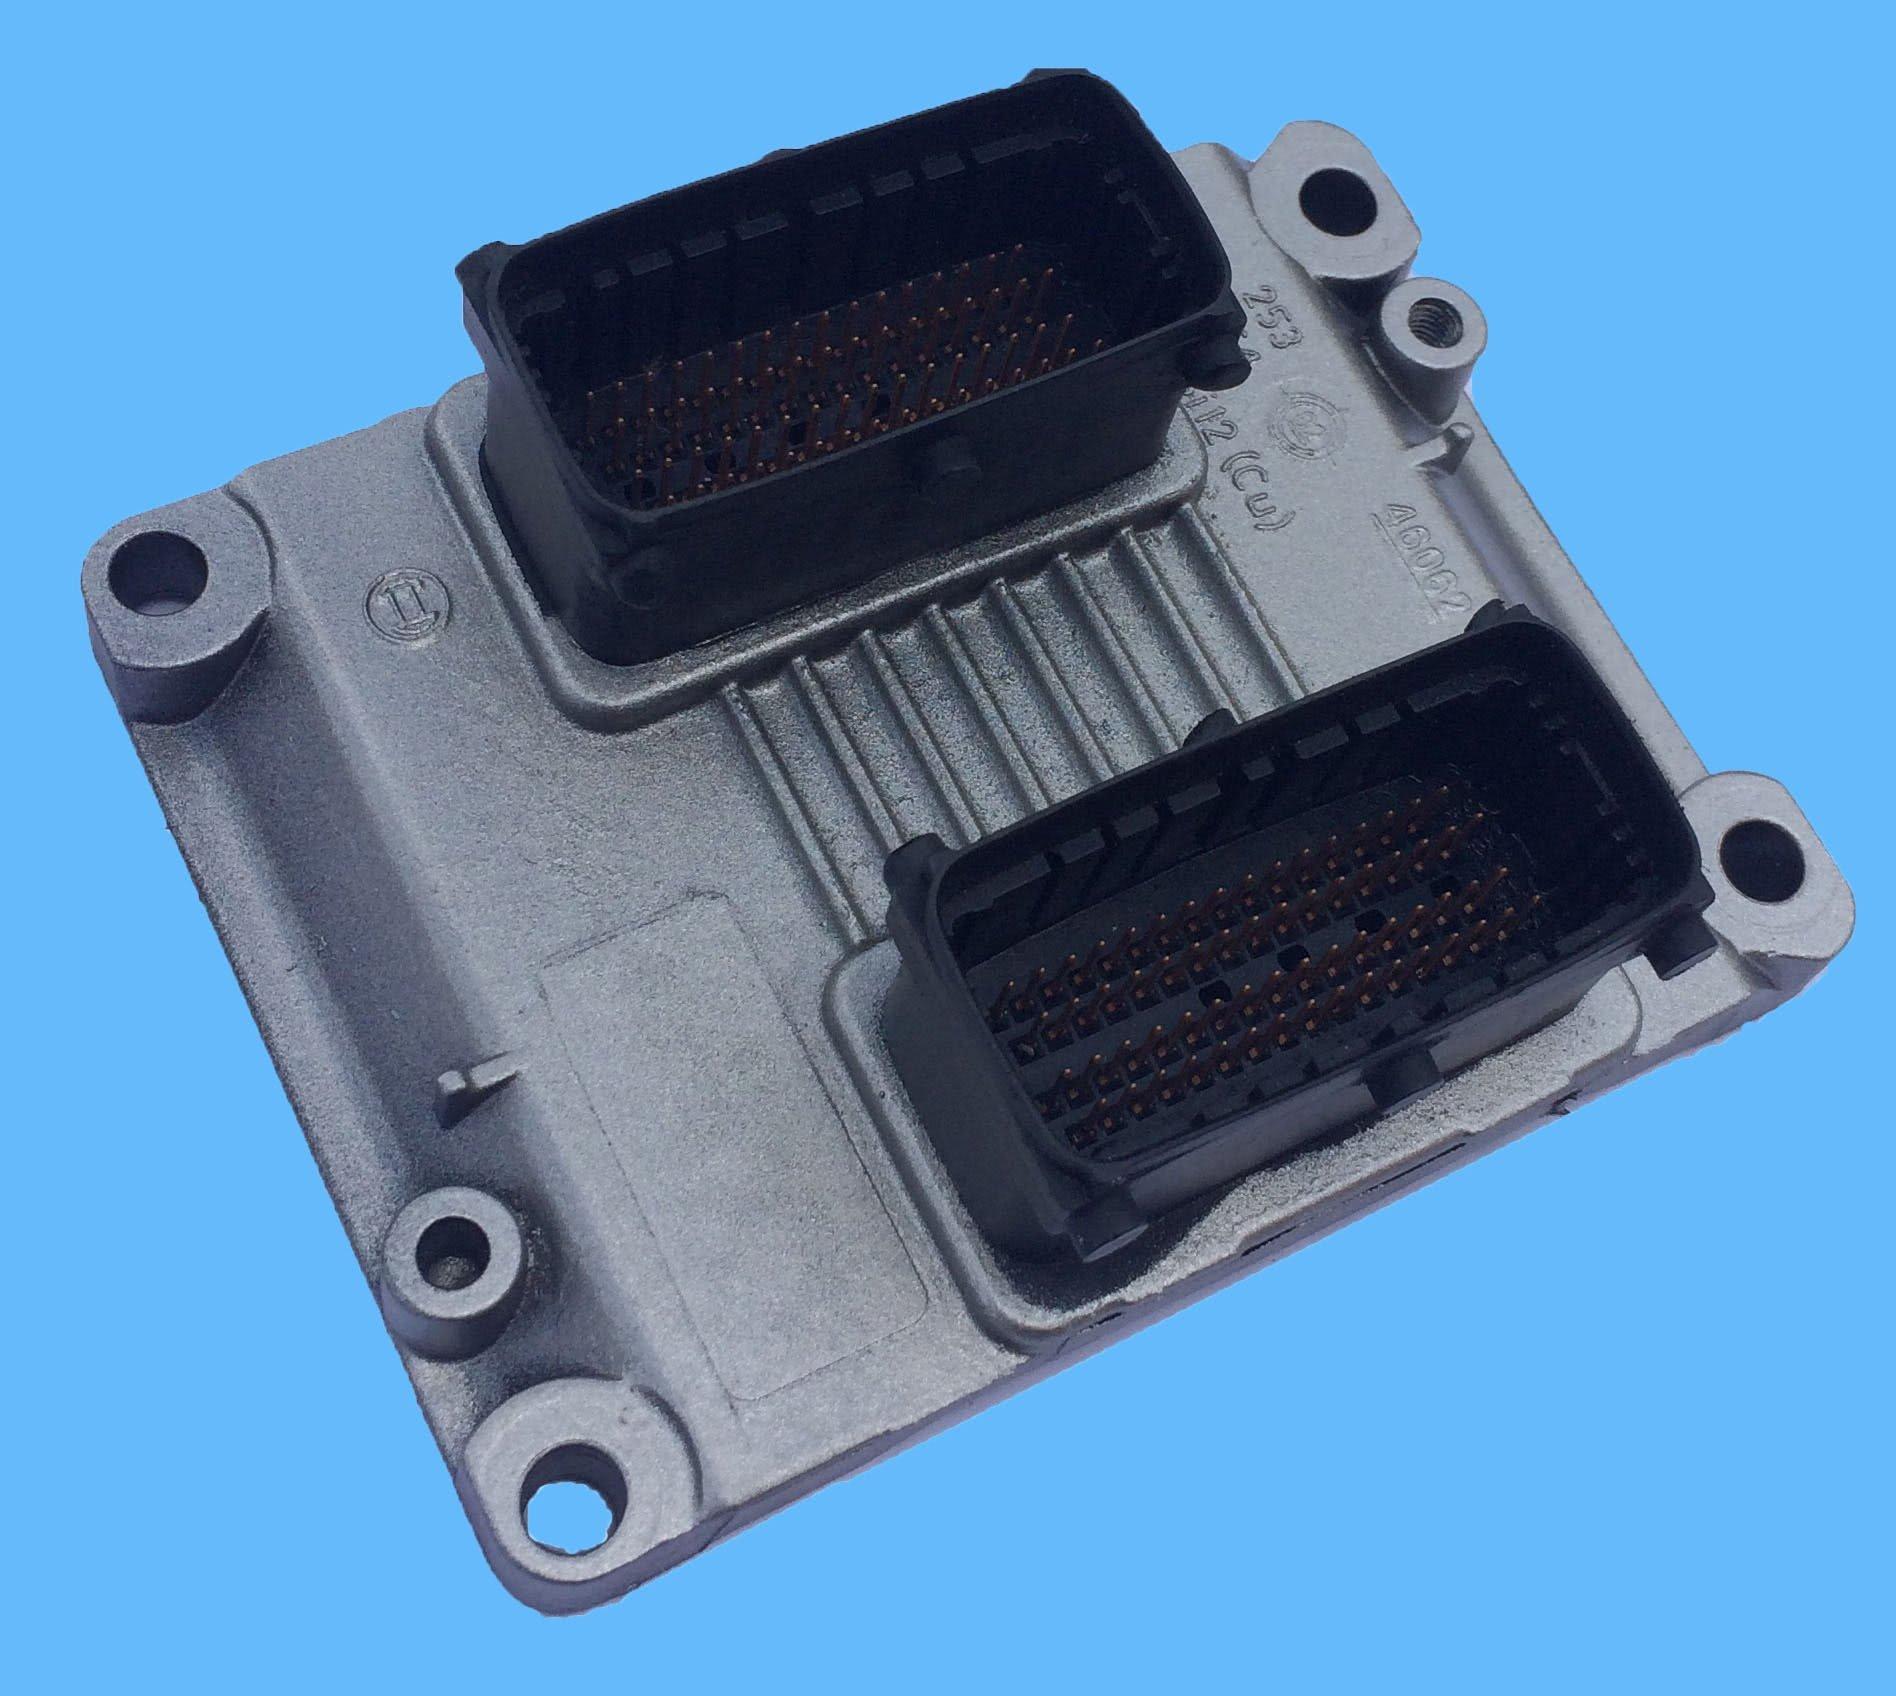 2006 Oldsmobile Allure 3.6L V6 Gas Engine Control Module ECM / PCM - Engine Control Module